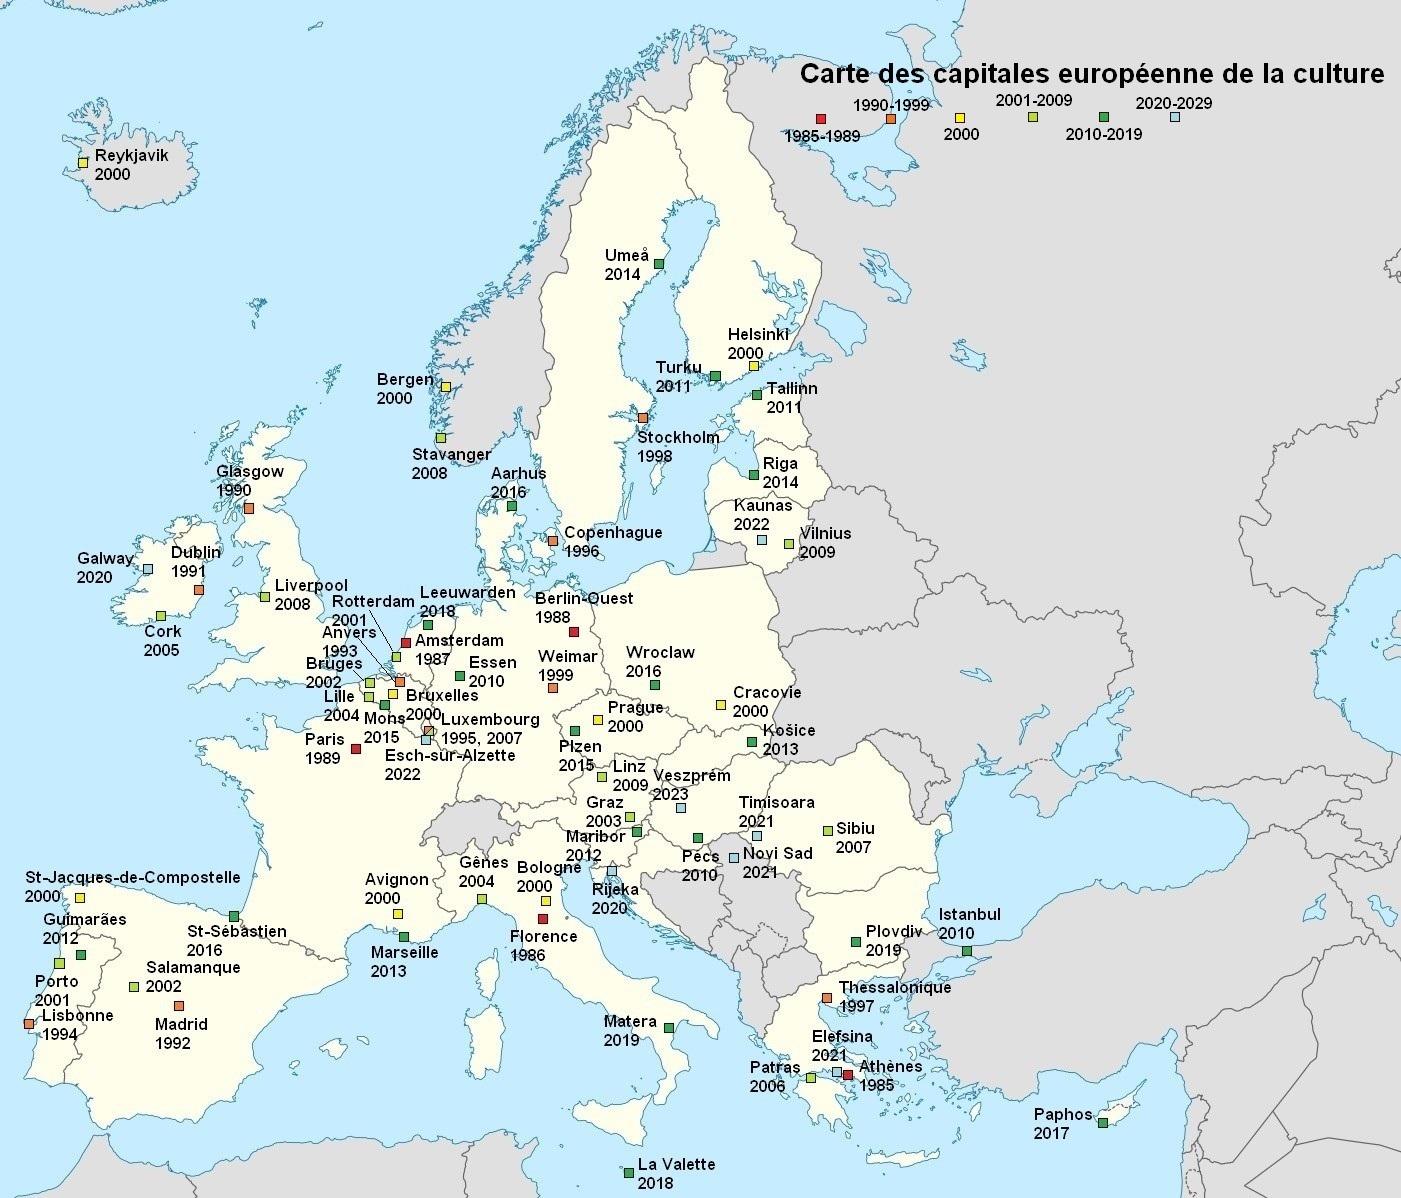 Fichier:carte Des Capitales Européennes De La Culture concernant Carte Europe Avec Capitales